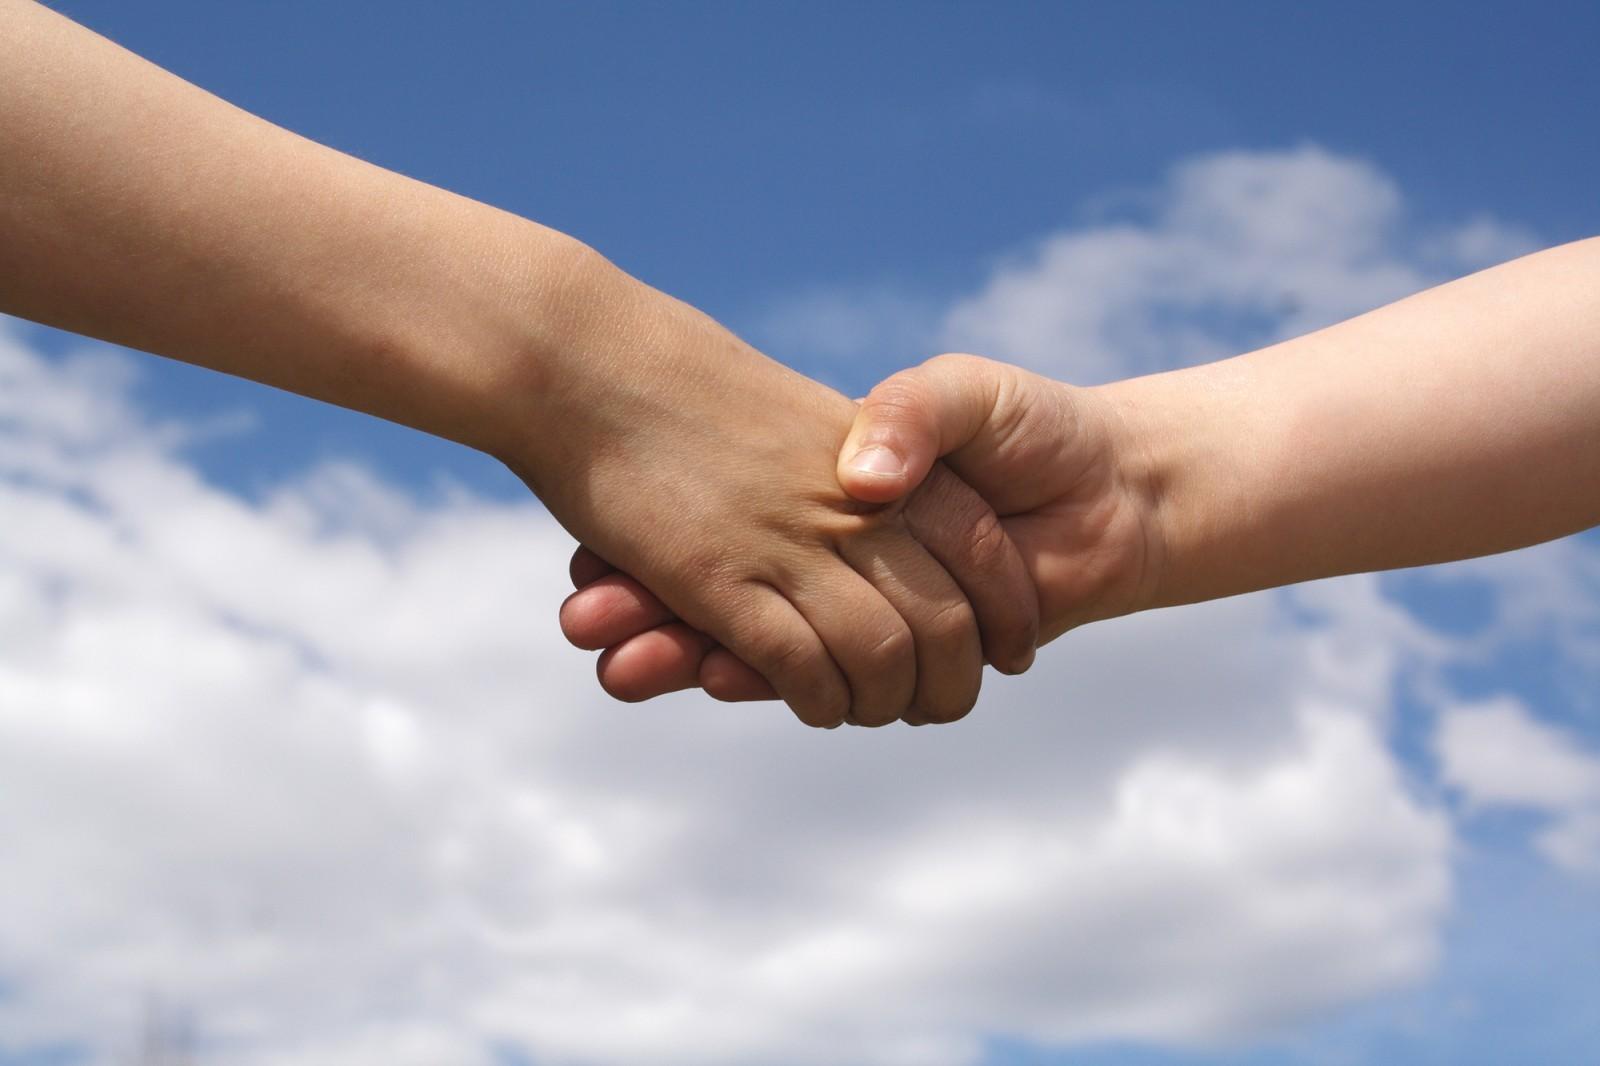 Puterea iertării. Cât de mult ajută renunțarea la gândurile negative față de cineva care a greșit